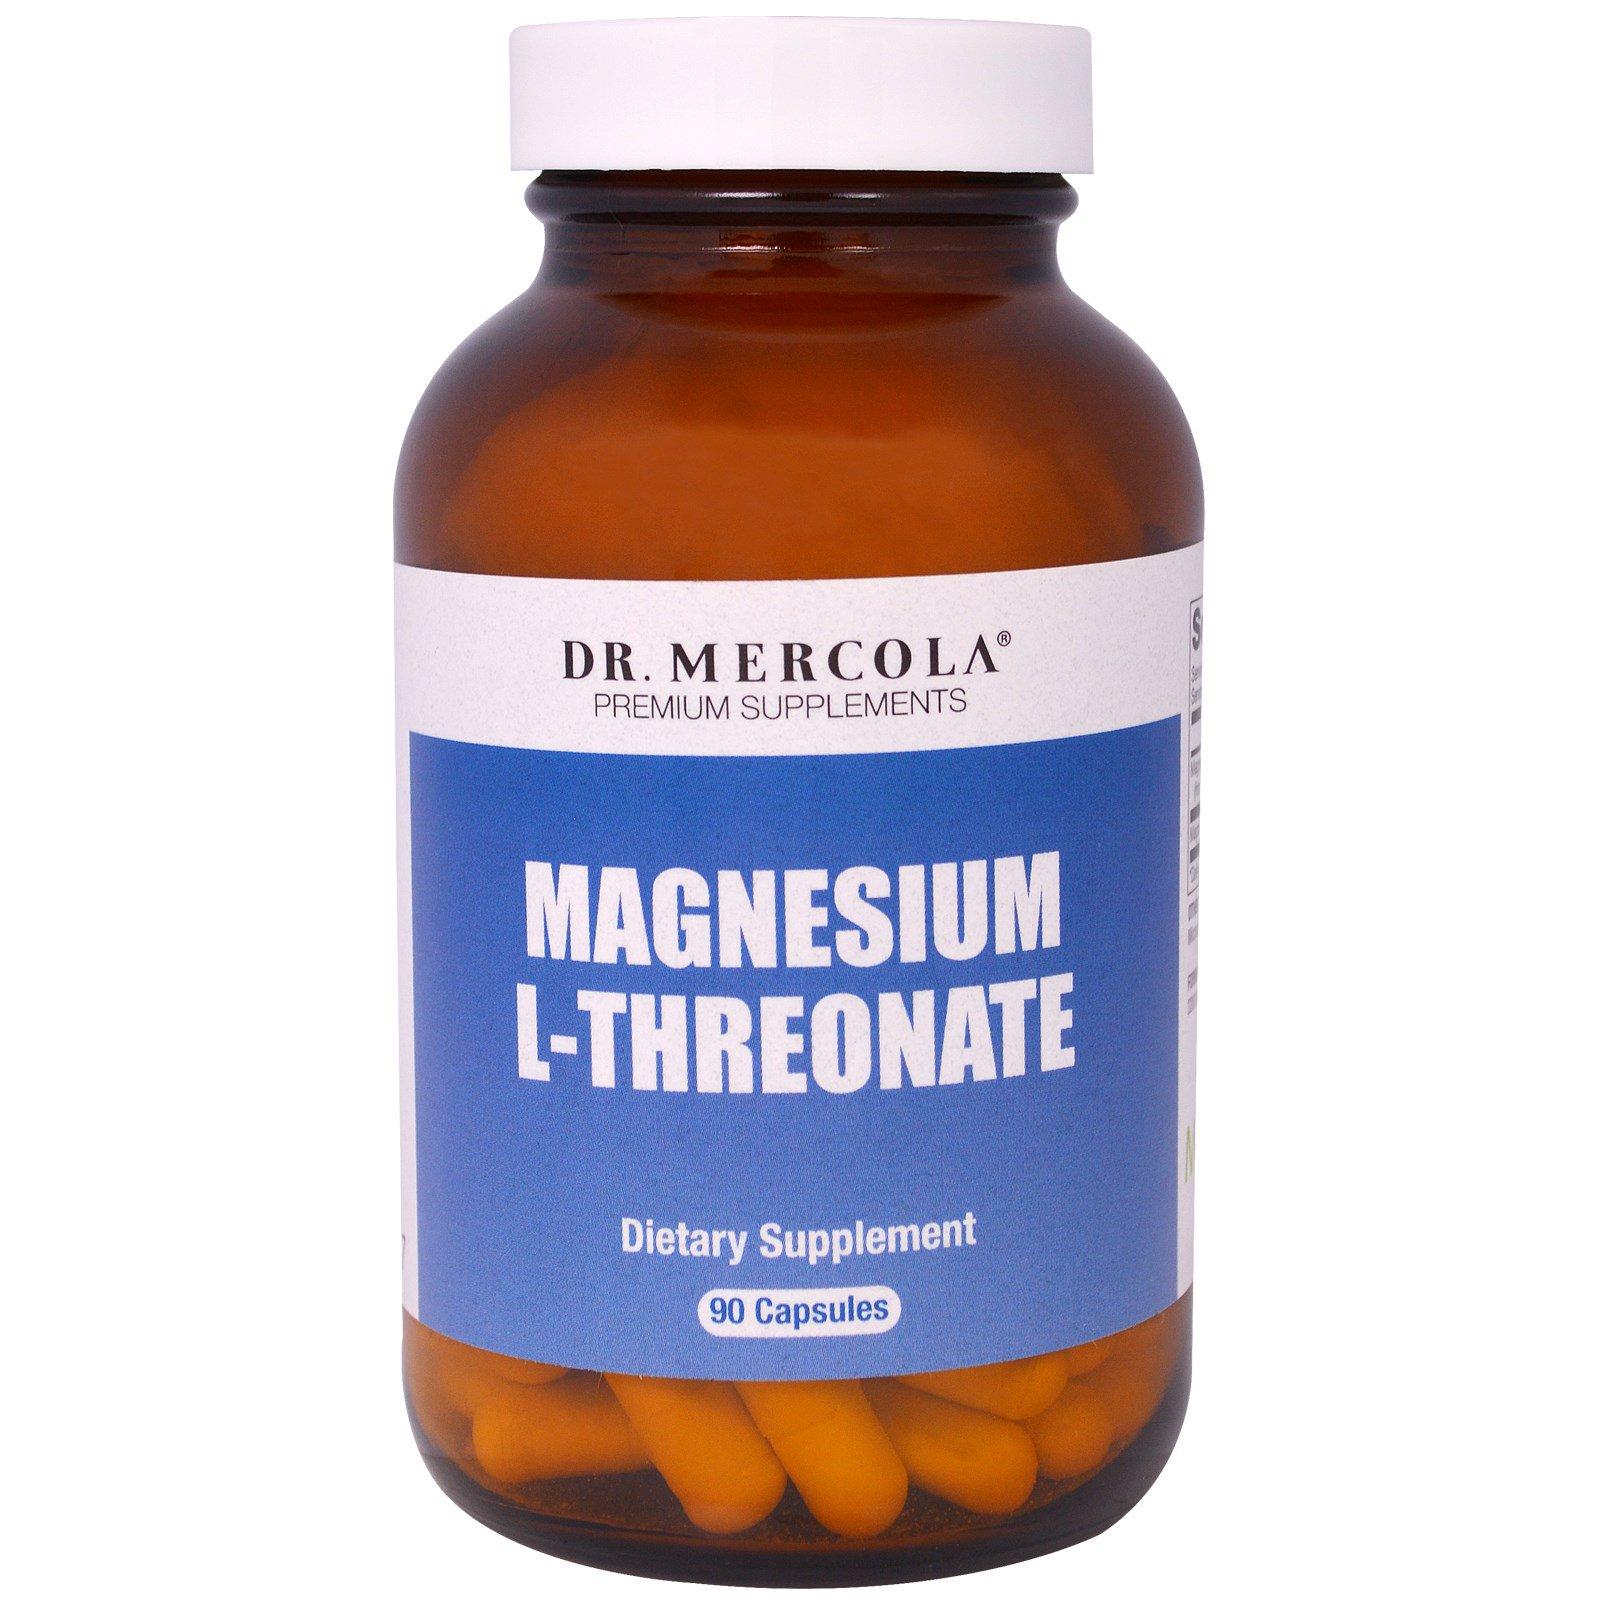 Dr. Mercola, L-Треонат магния, 90 капсул